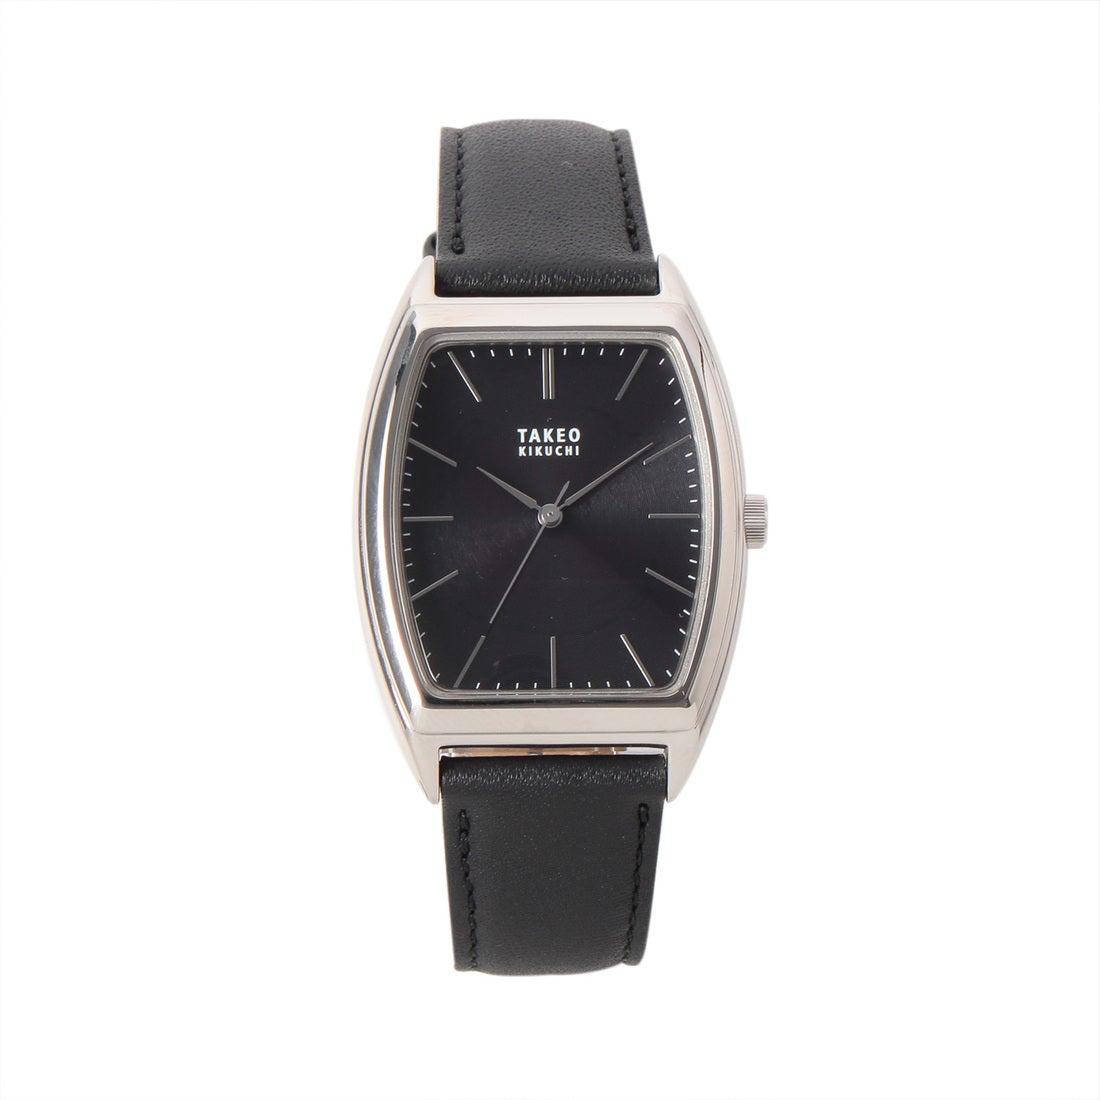 タケオ キクチ TAKEO KIKUCHI トノー ソーラー時計 【メンズ ウォッチ 腕時計】 (ブラック)